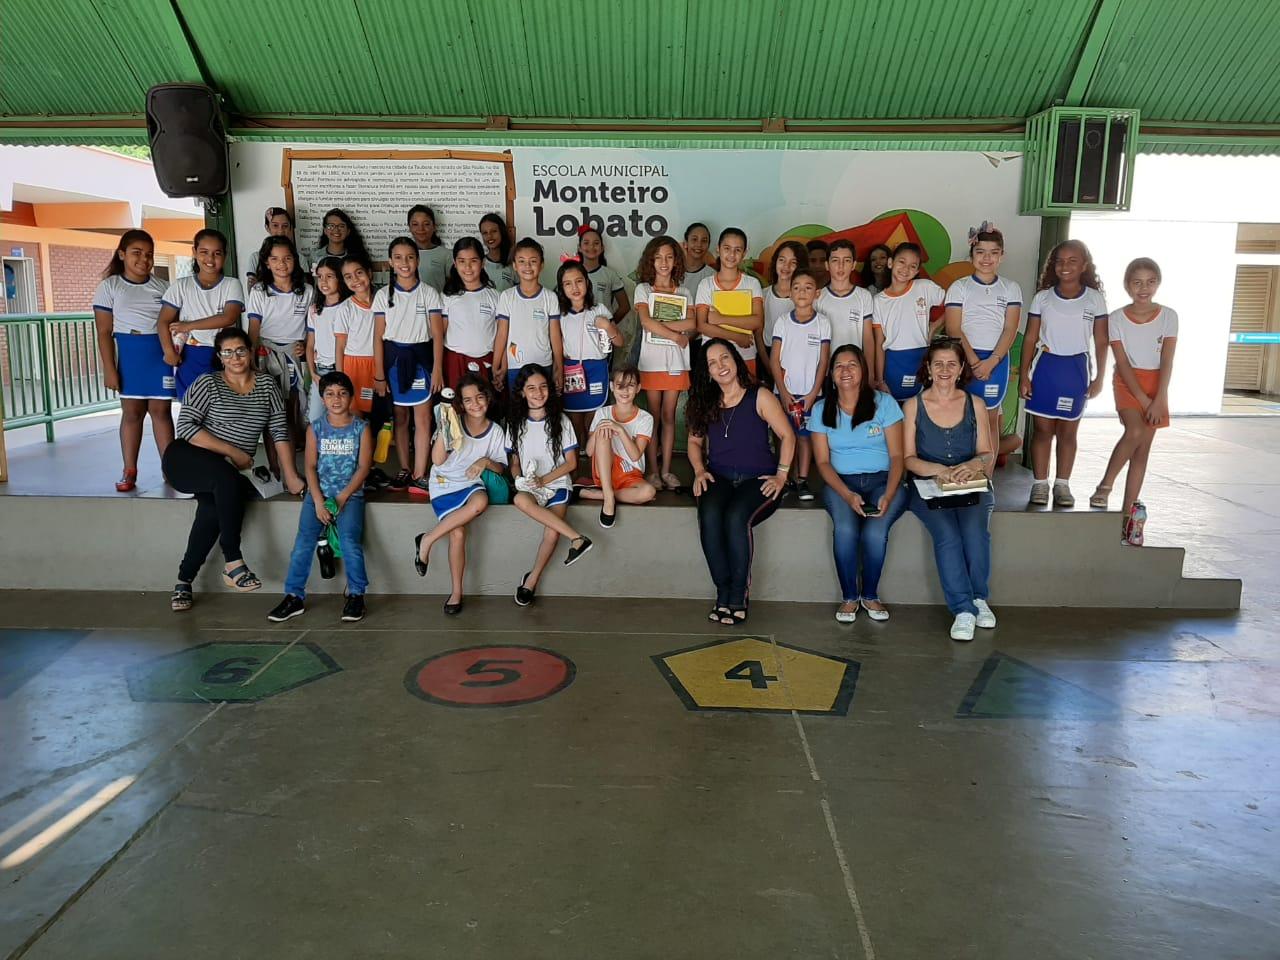 Projeto desenvolvido por alunos da Escola Municipal Monteiro Lobato beneficia crianças de instituição de acolhimento